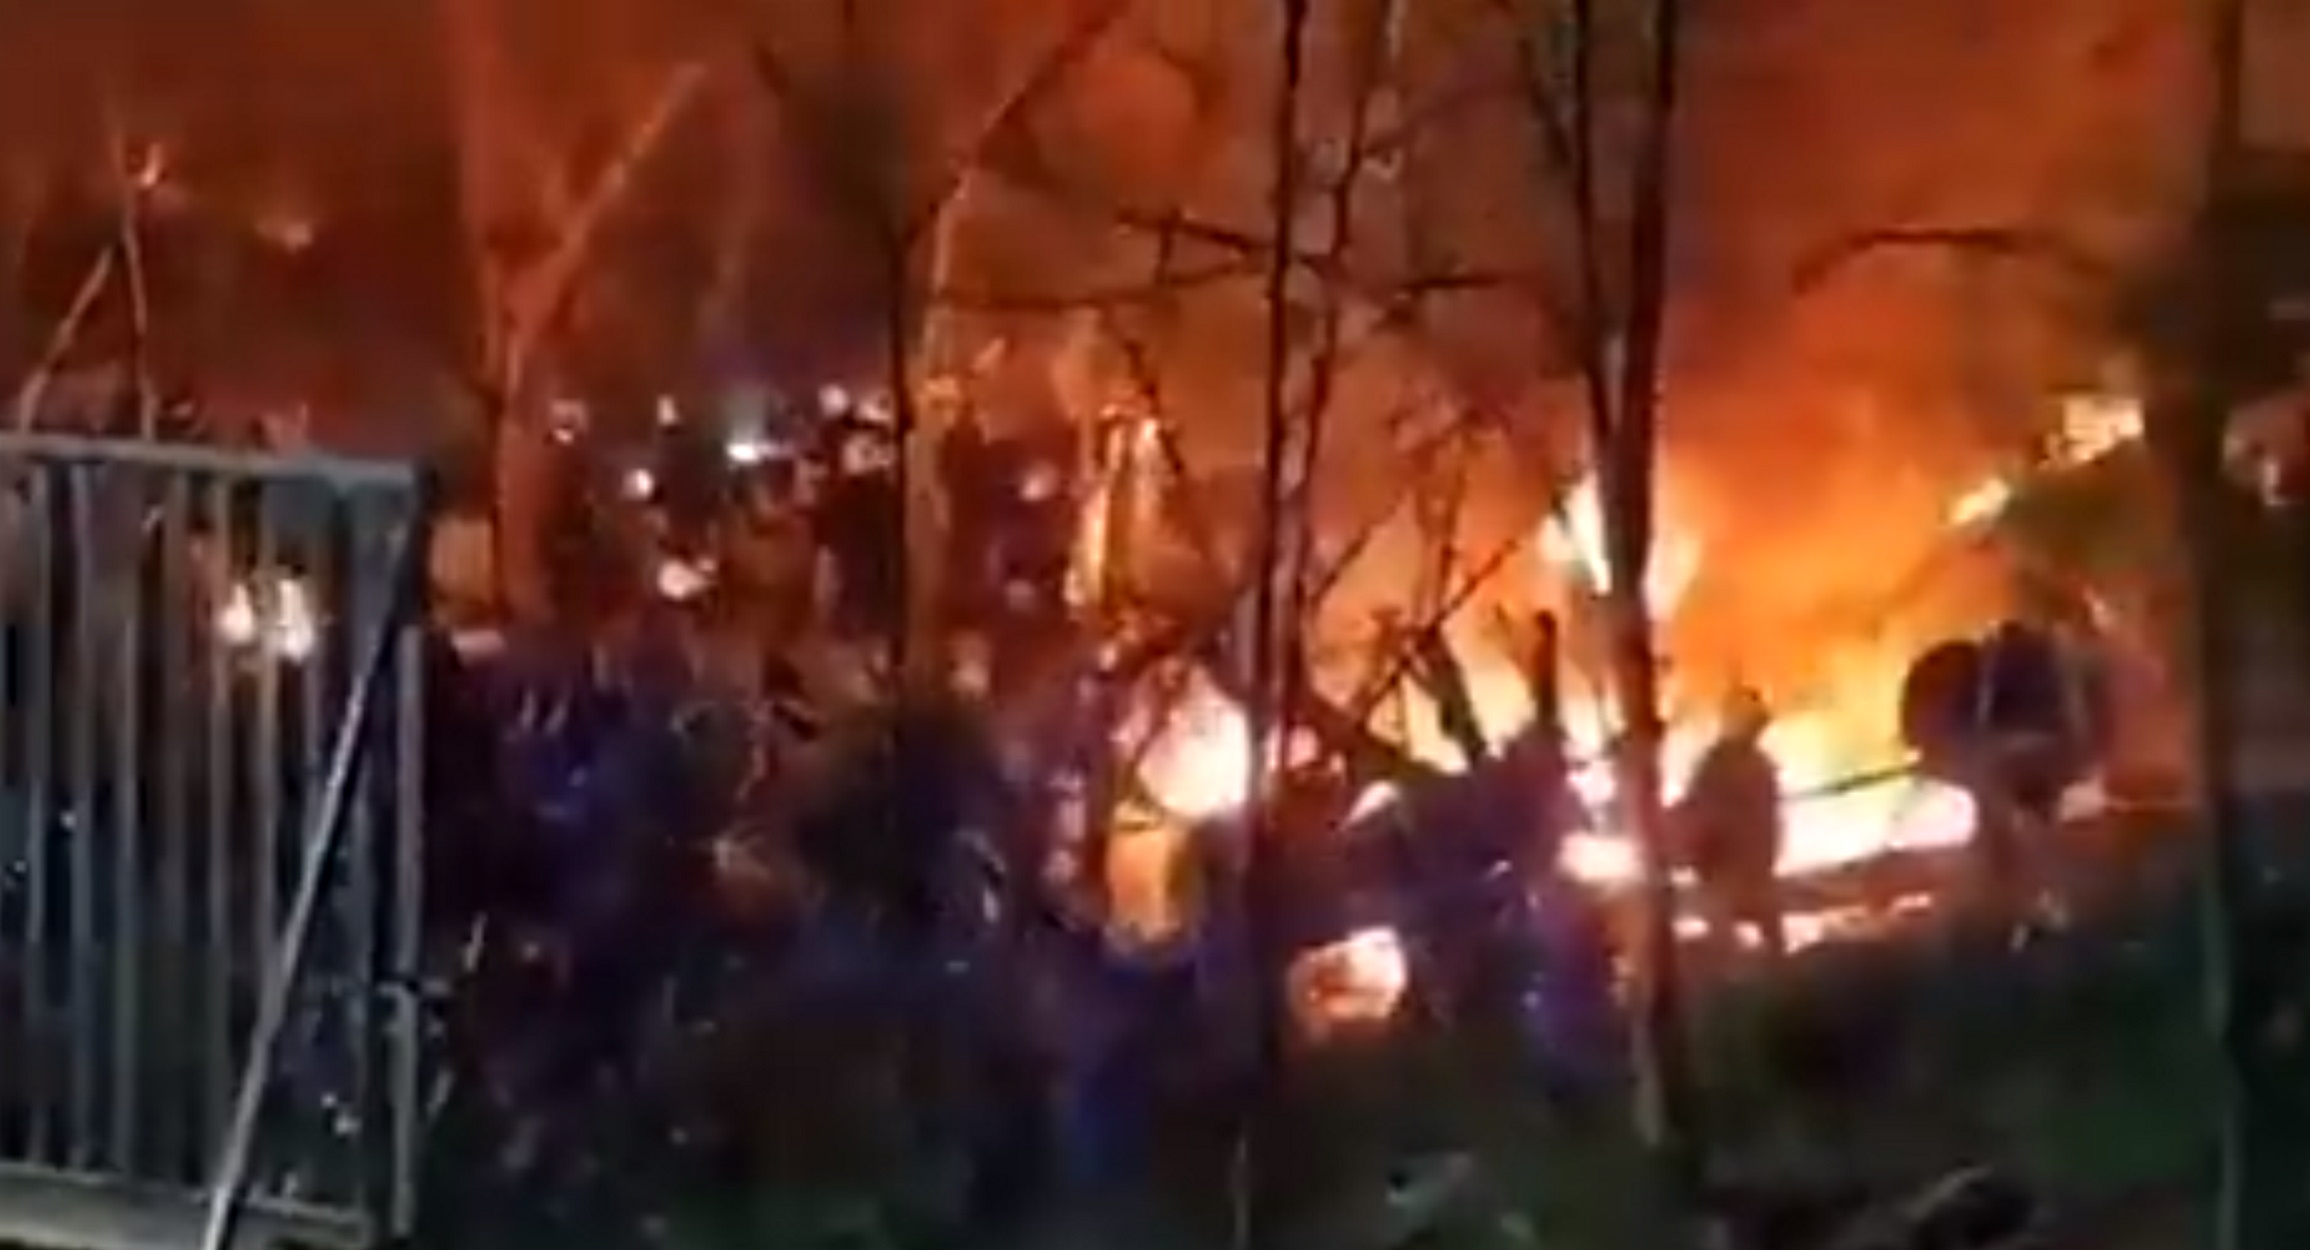 Καστανιές Έβρου: Μετανάστες από την πλευρά της Τουρκίας άναψαν φωτιές στα σύνορα με την Ελλάδα! video